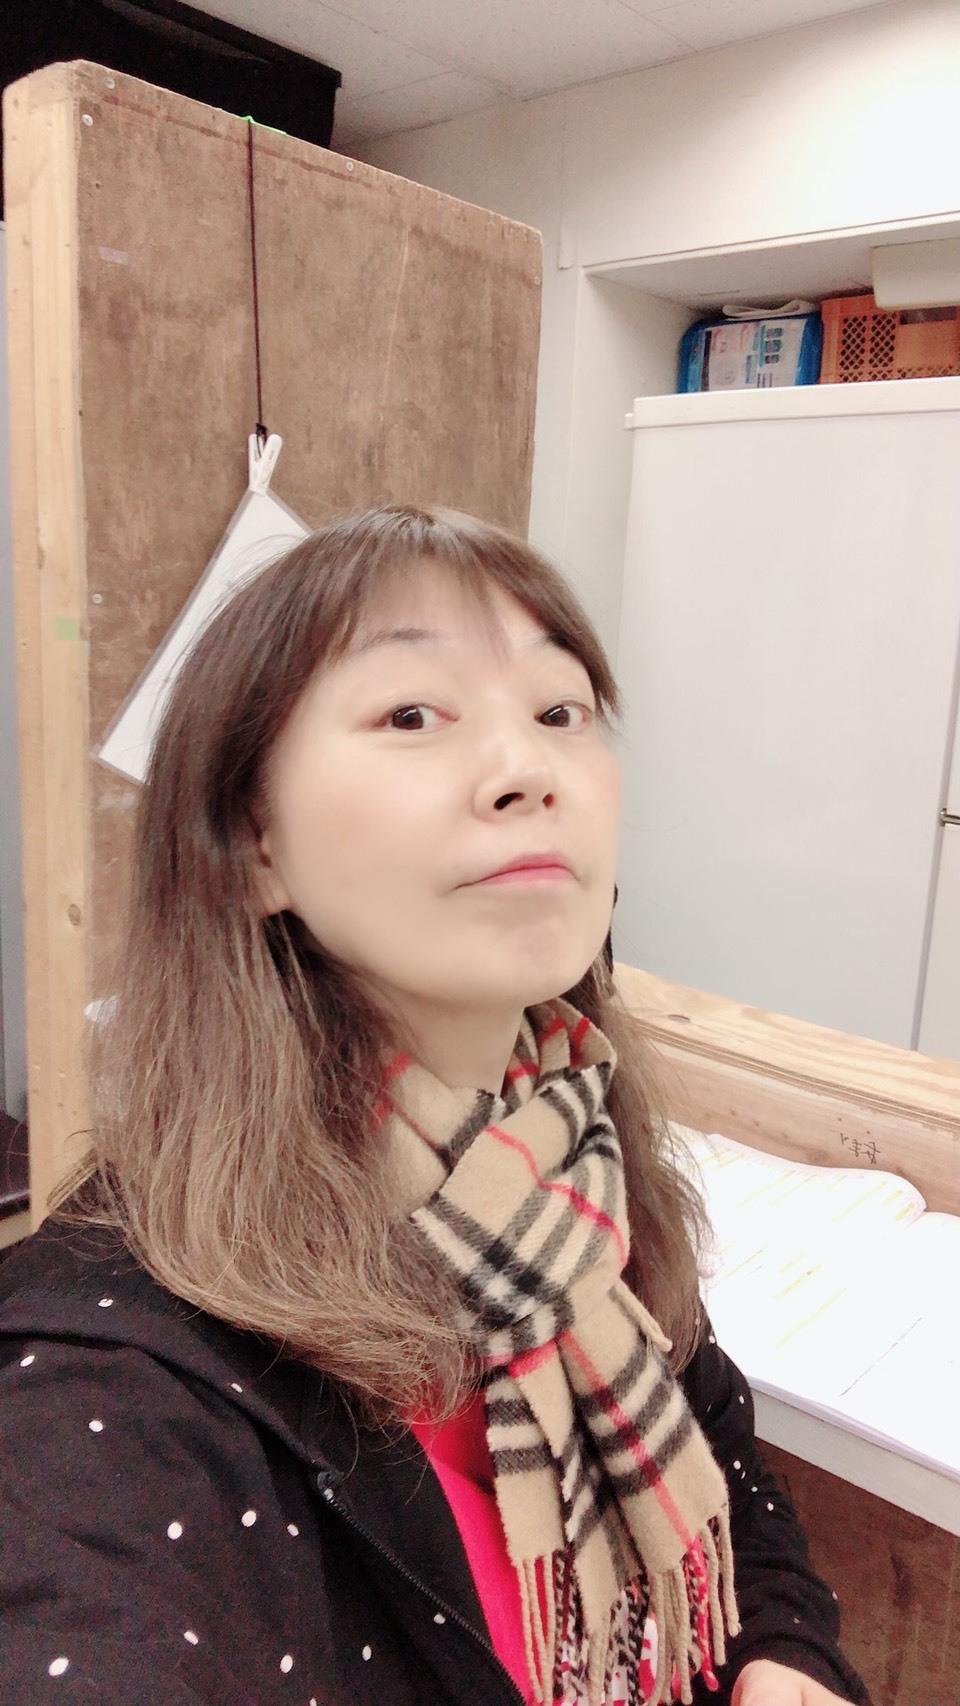 それぞれの真剣☆☆☆_a0163623_01070336.jpg